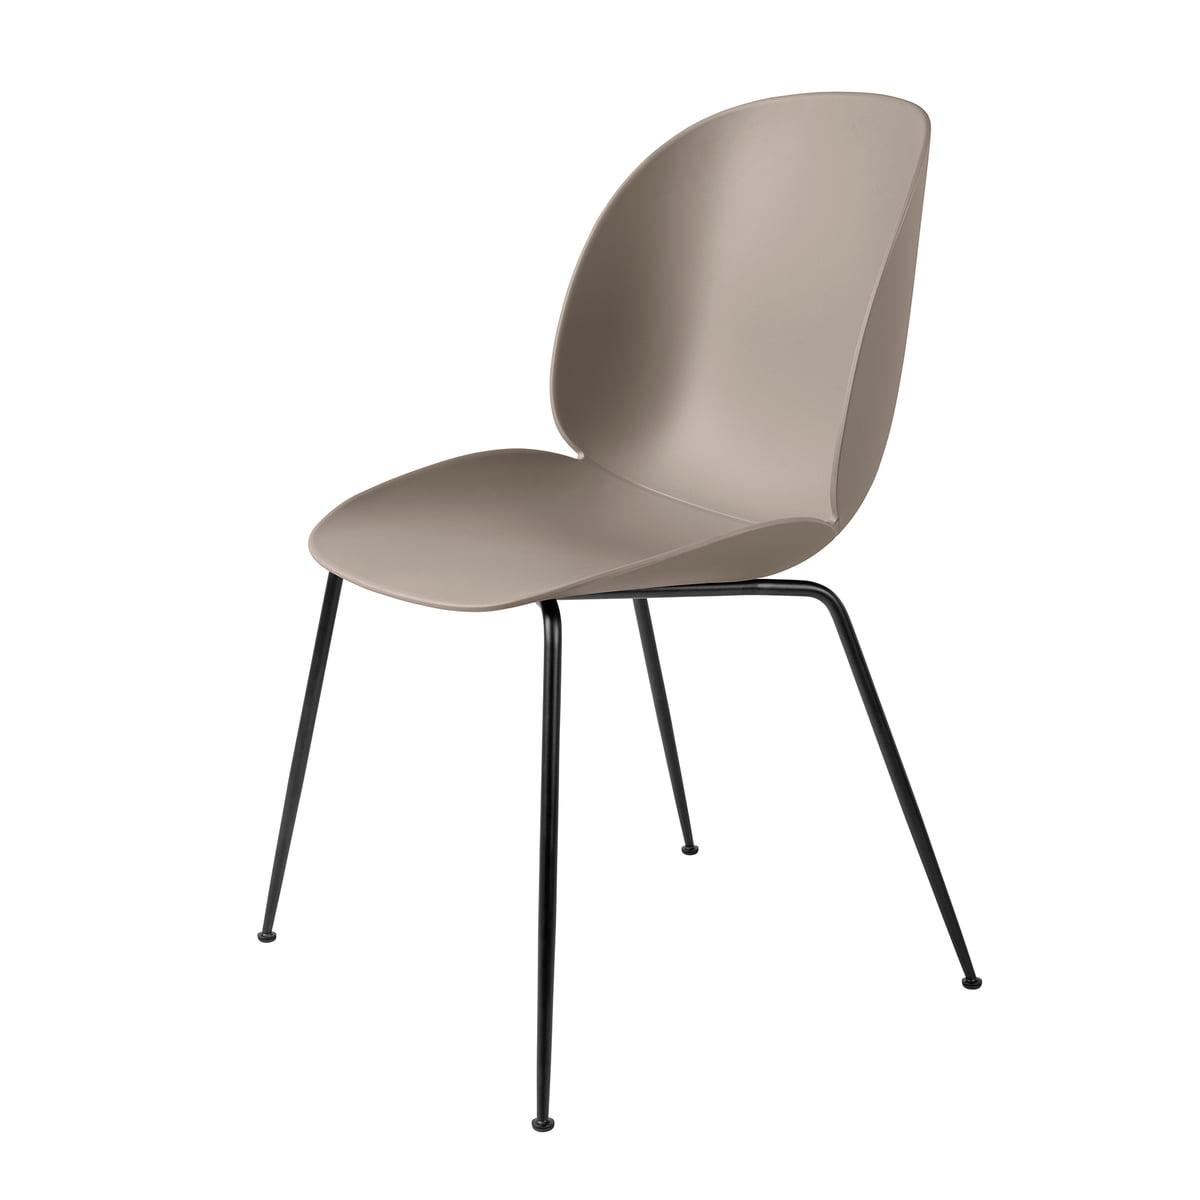 conic beetle chair von gubi kaufen. Black Bedroom Furniture Sets. Home Design Ideas